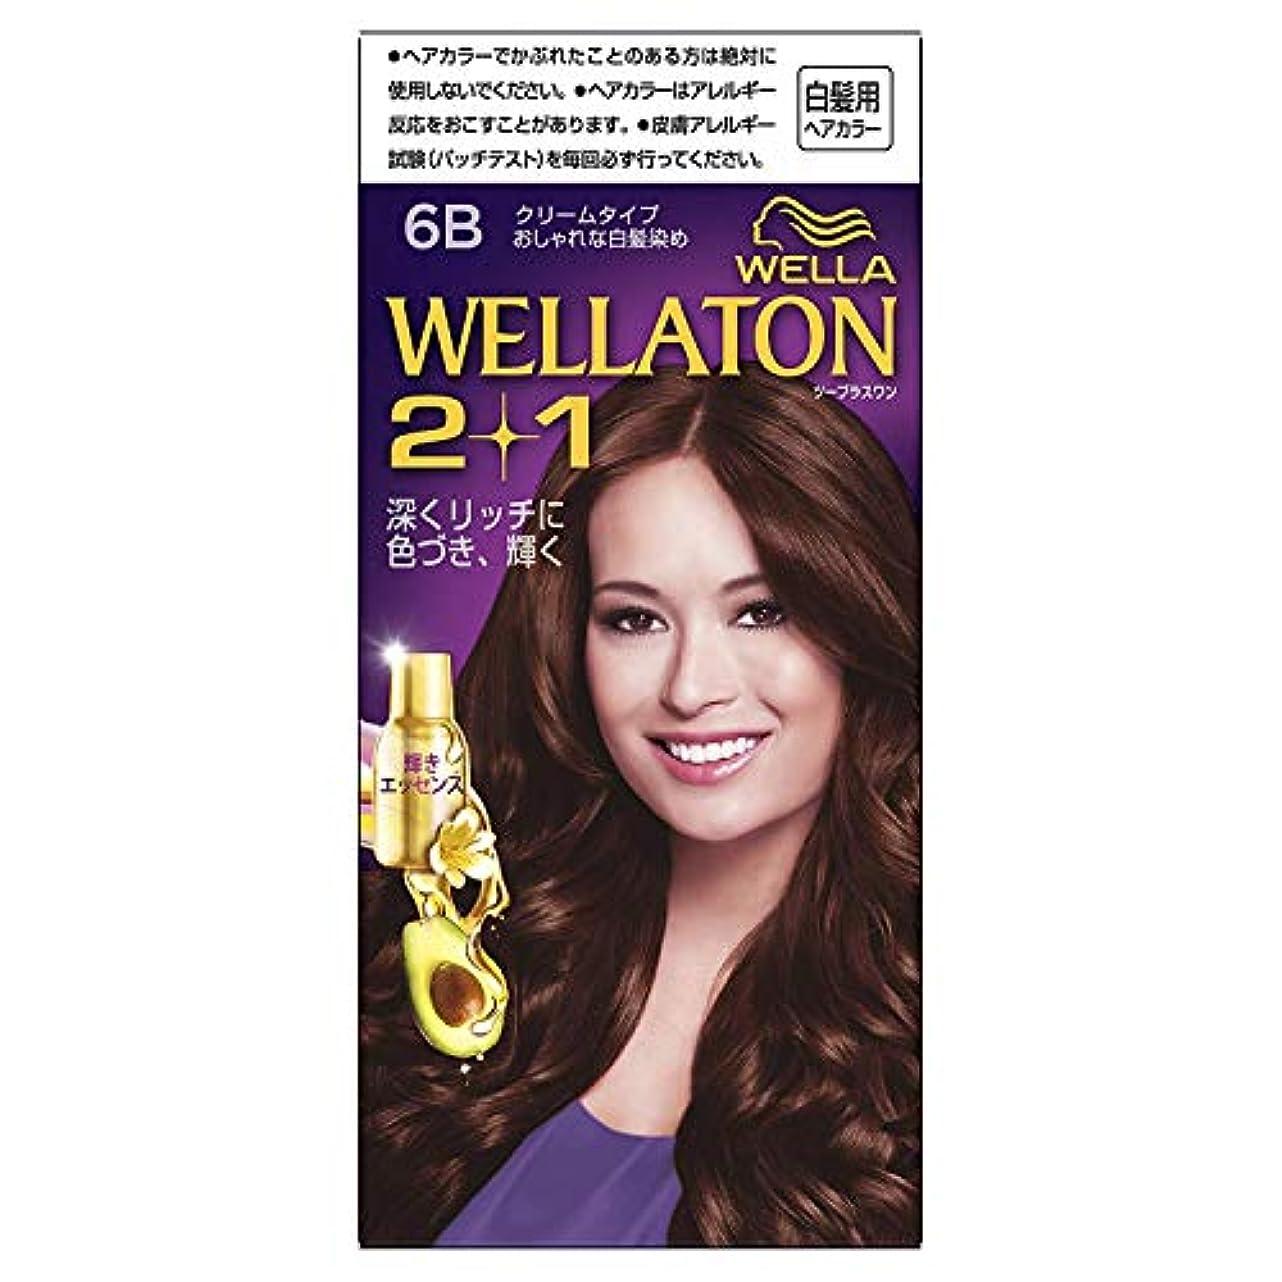 湿ったシロクマ本気ウエラトーン2+1 クリームタイプ 6B [医薬部外品] ×3個